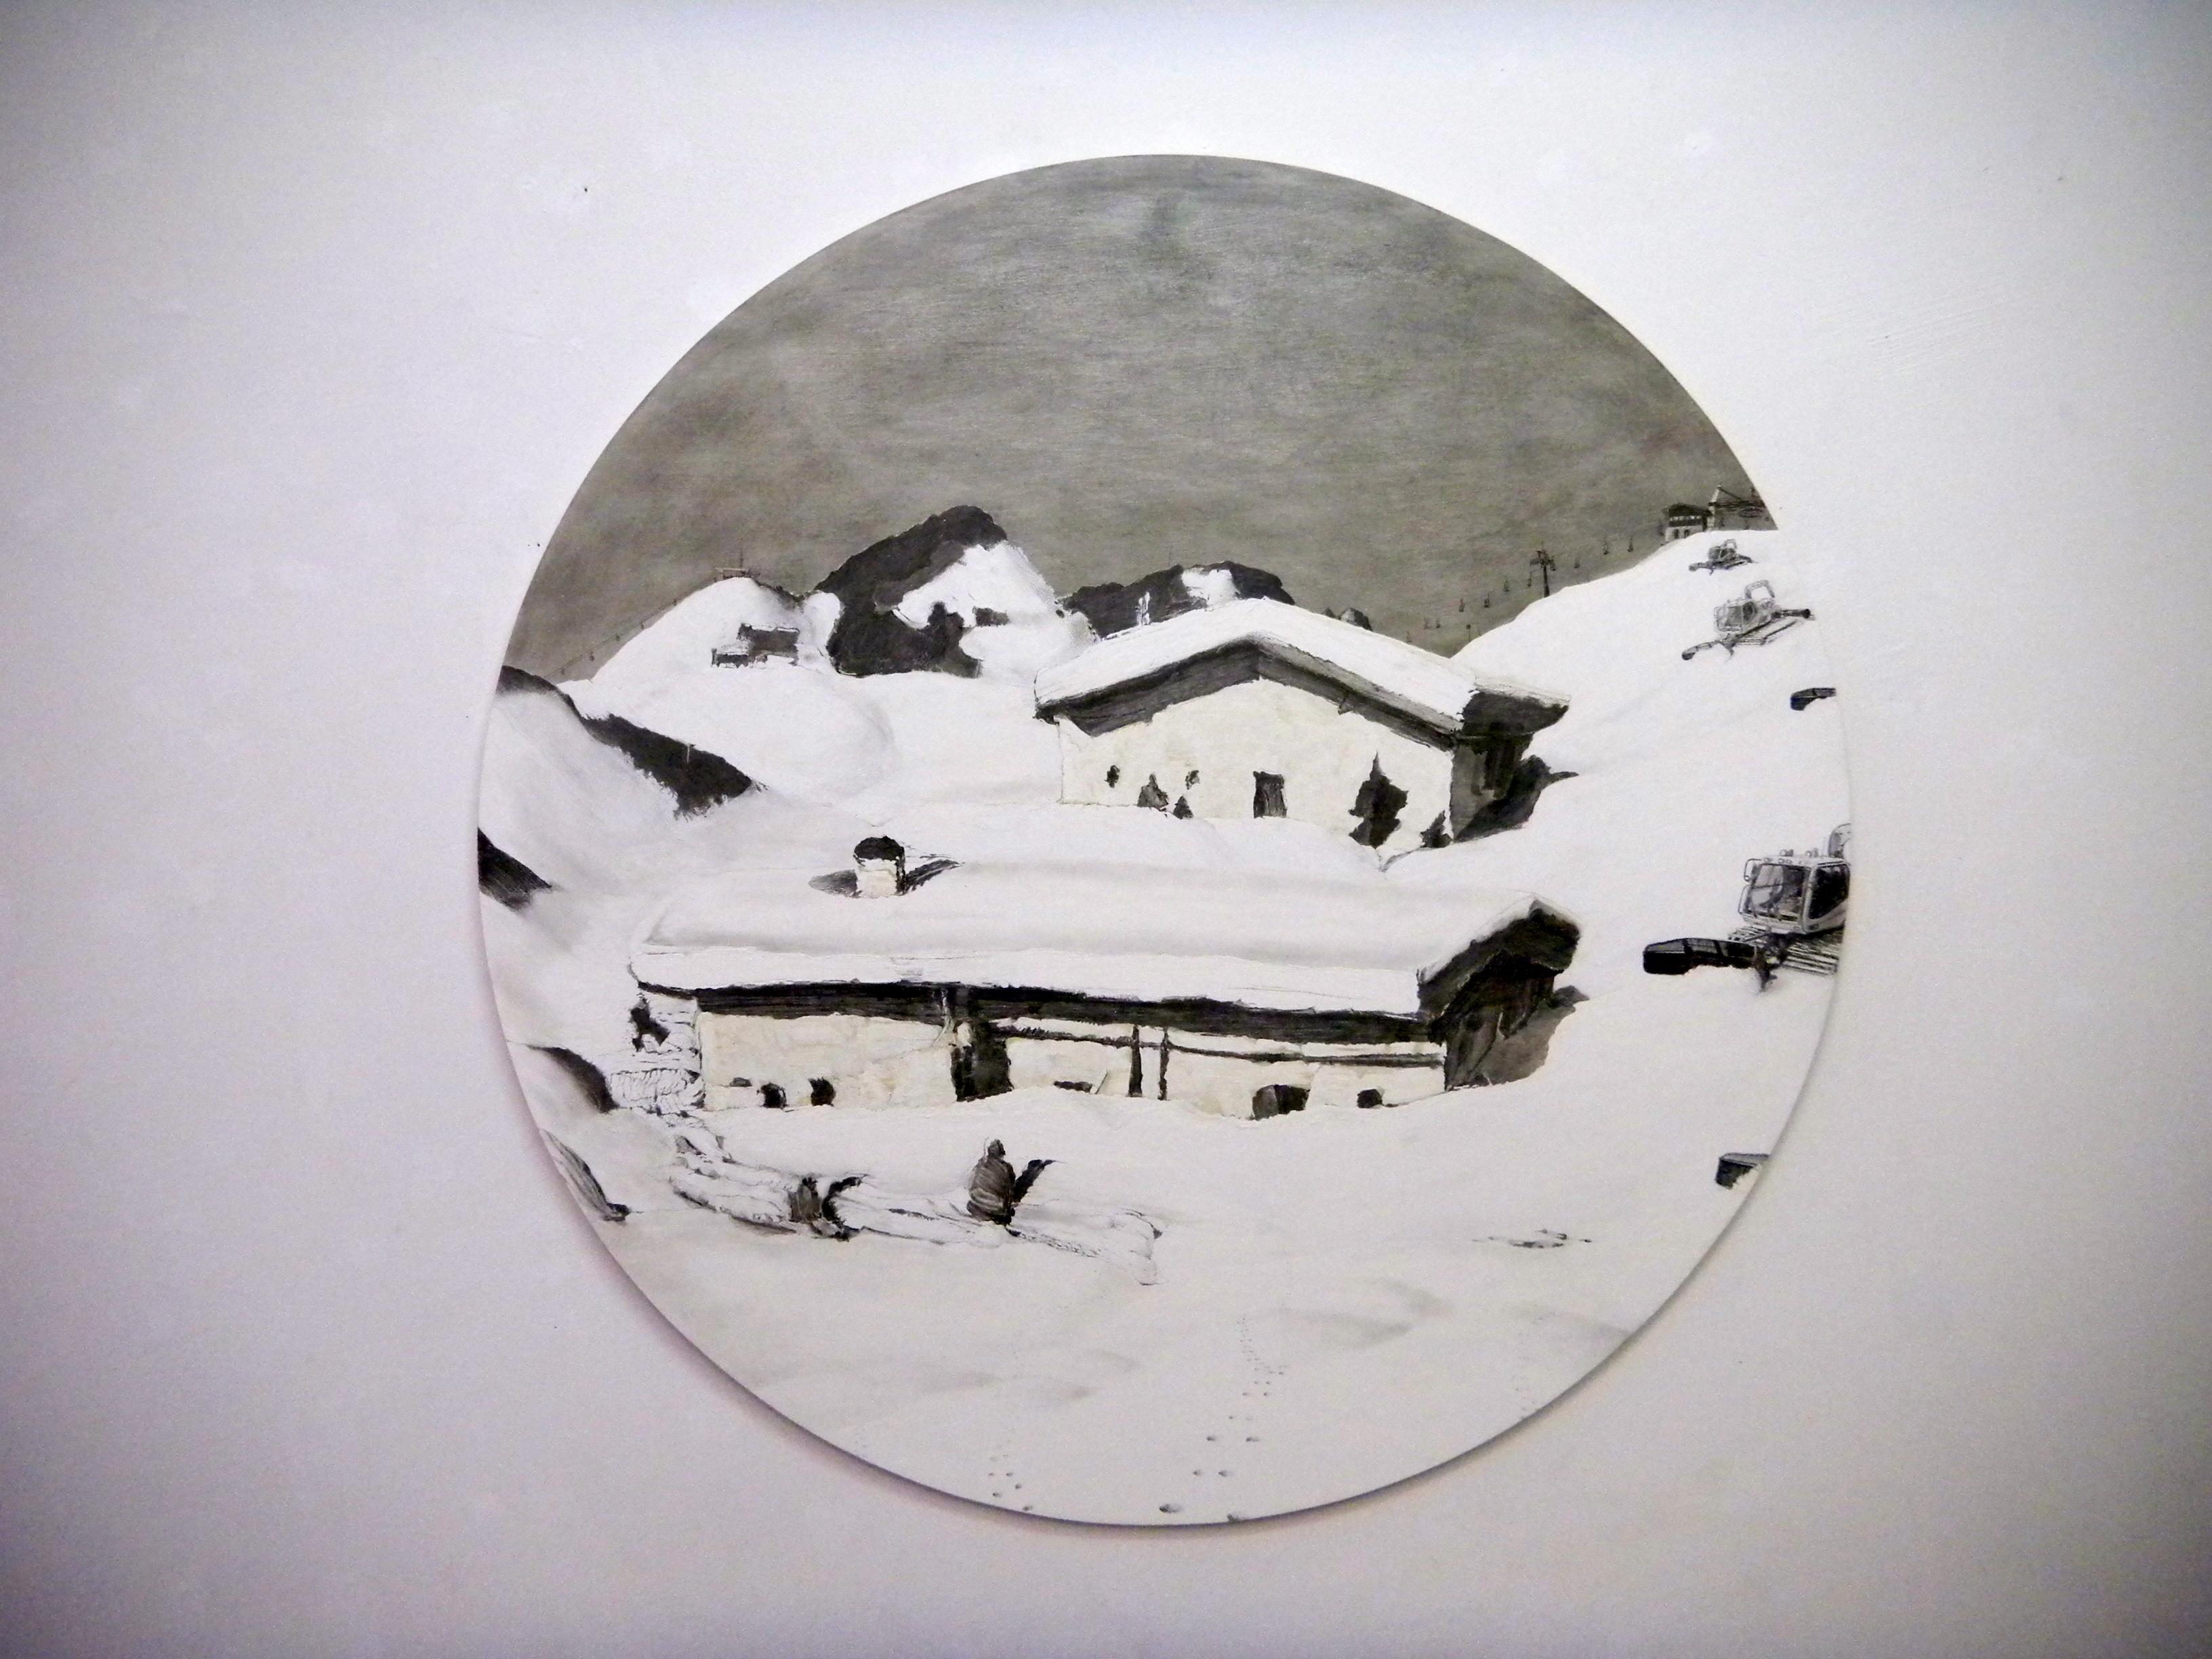 D. Franz: Winteridylle, 2012